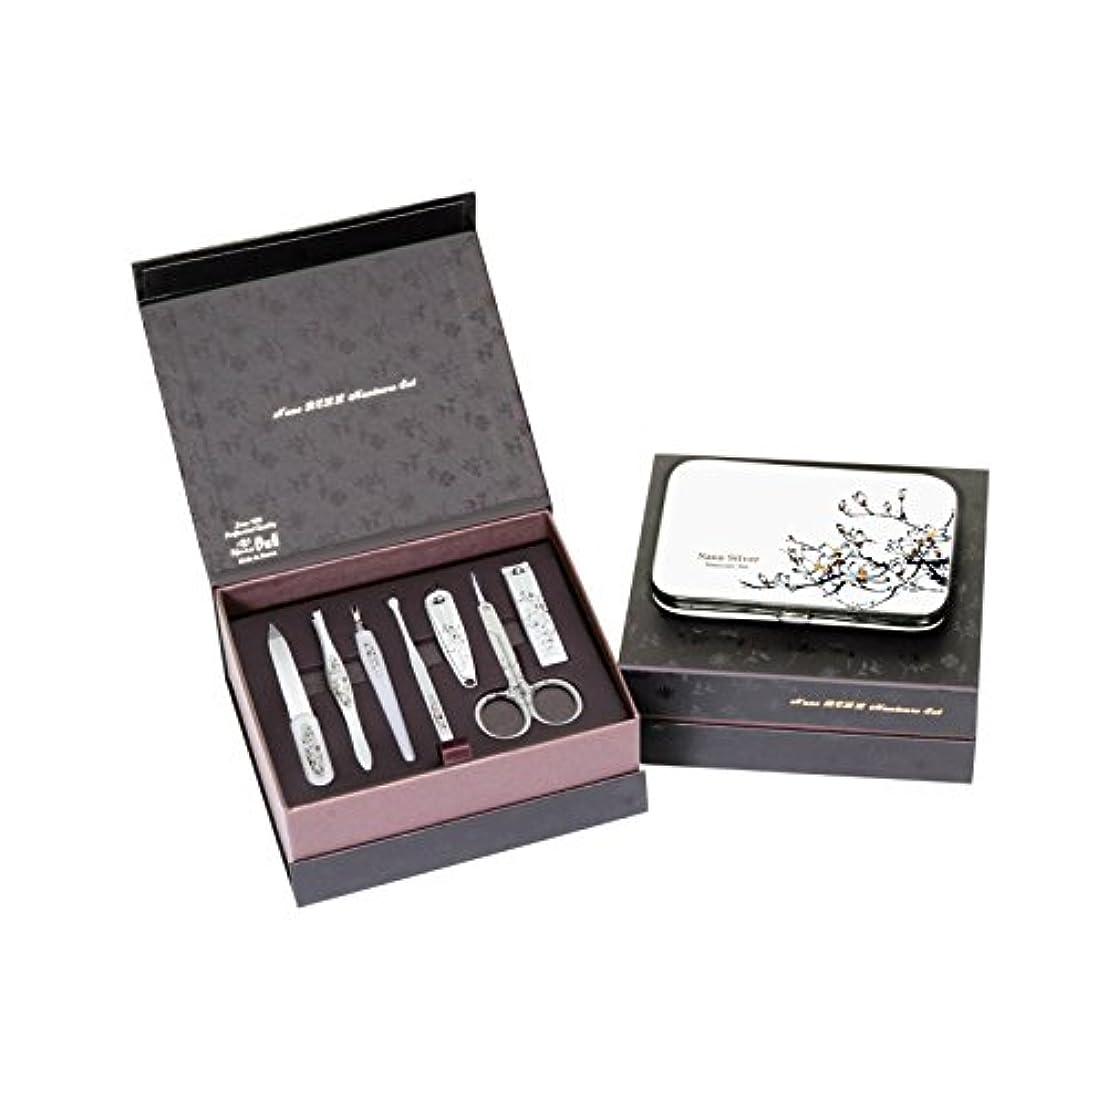 サリースーツインシデントMETAL BELL Manicure Sets BN-8177A ポータブル爪の管理セット爪切りセット 高品質のネイルケアセット高級感のある東洋画のデザイン Portable Nail Clippers Nail Care...